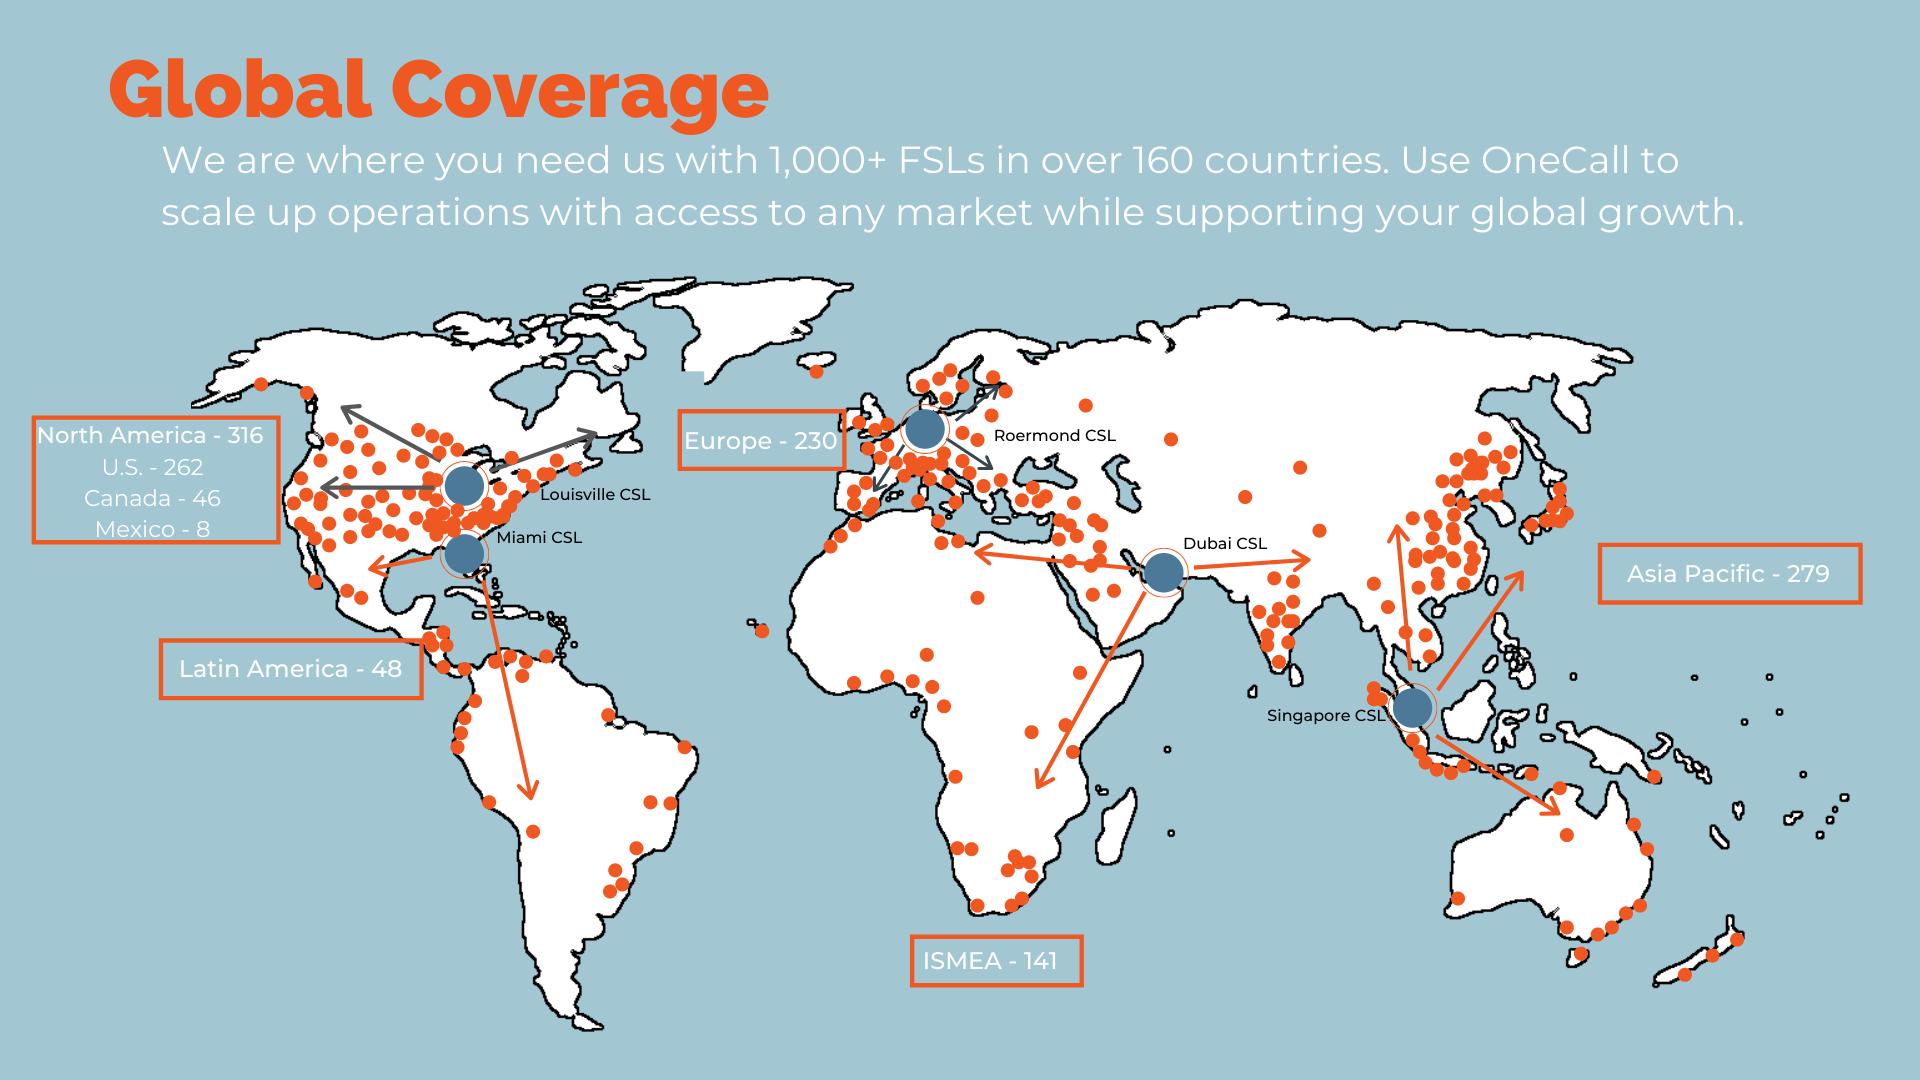 Global Coverage (3)